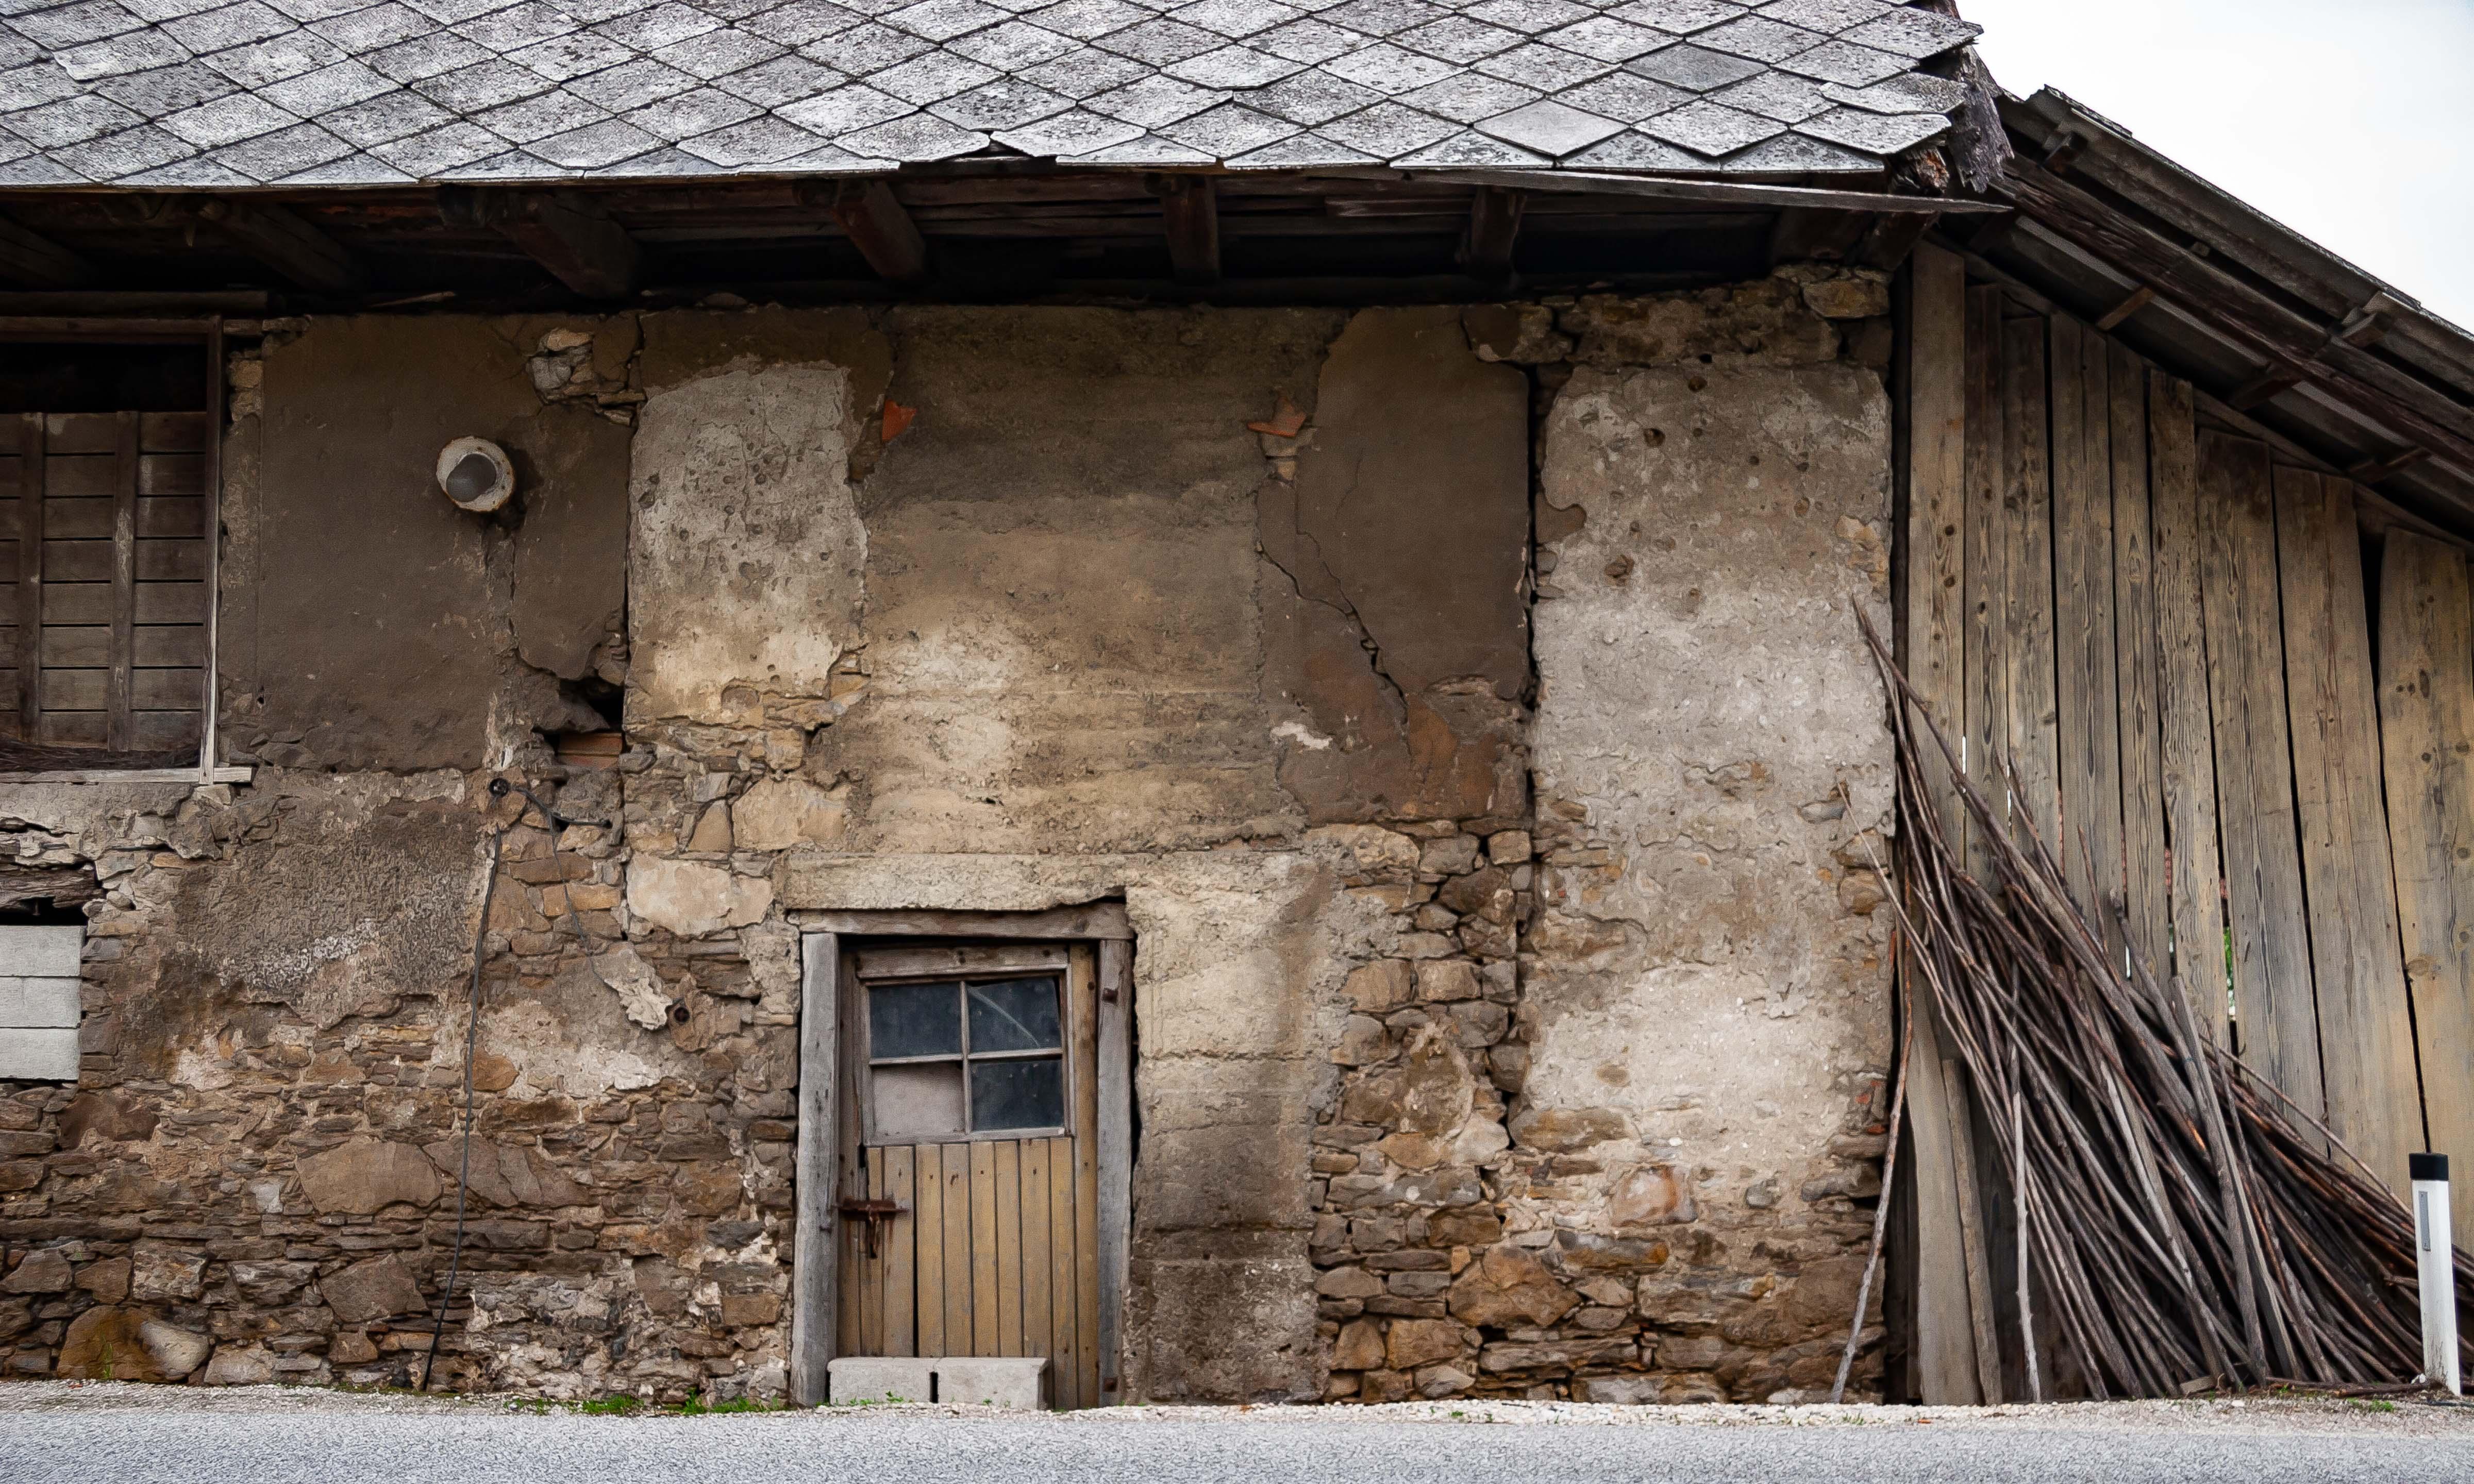 Slovenia, Podcetrtek Prov, Crooked Door, 2006, IMG 7950